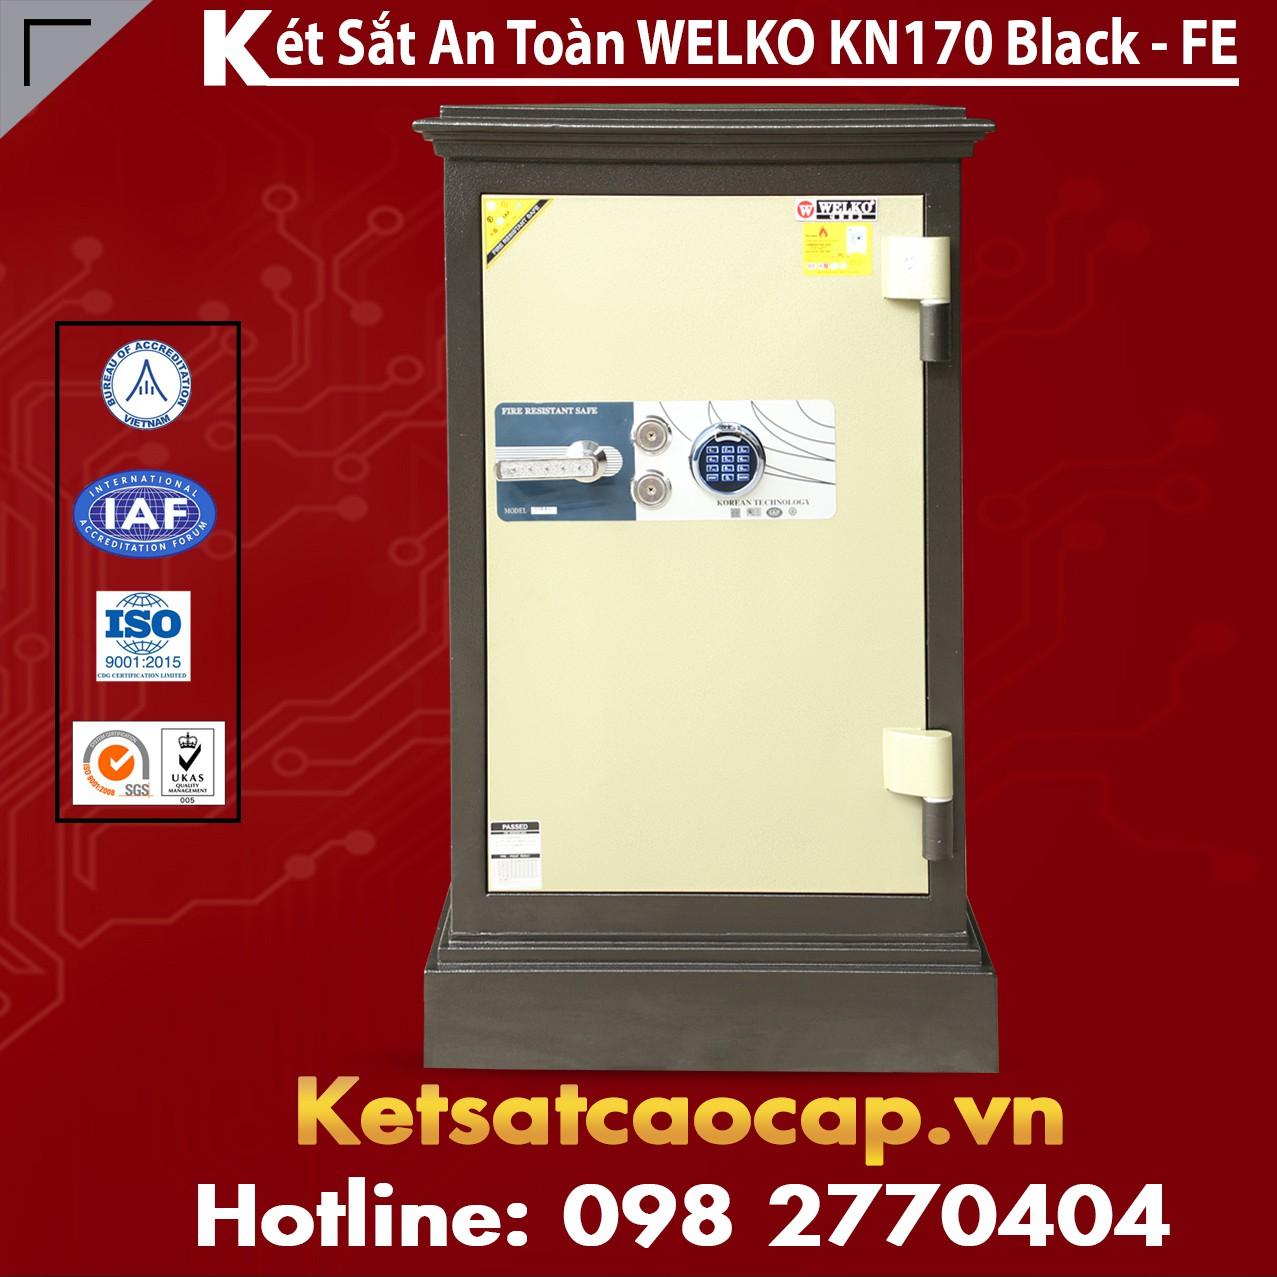 Két Sắt Nhật Bản KN170 Black - FE